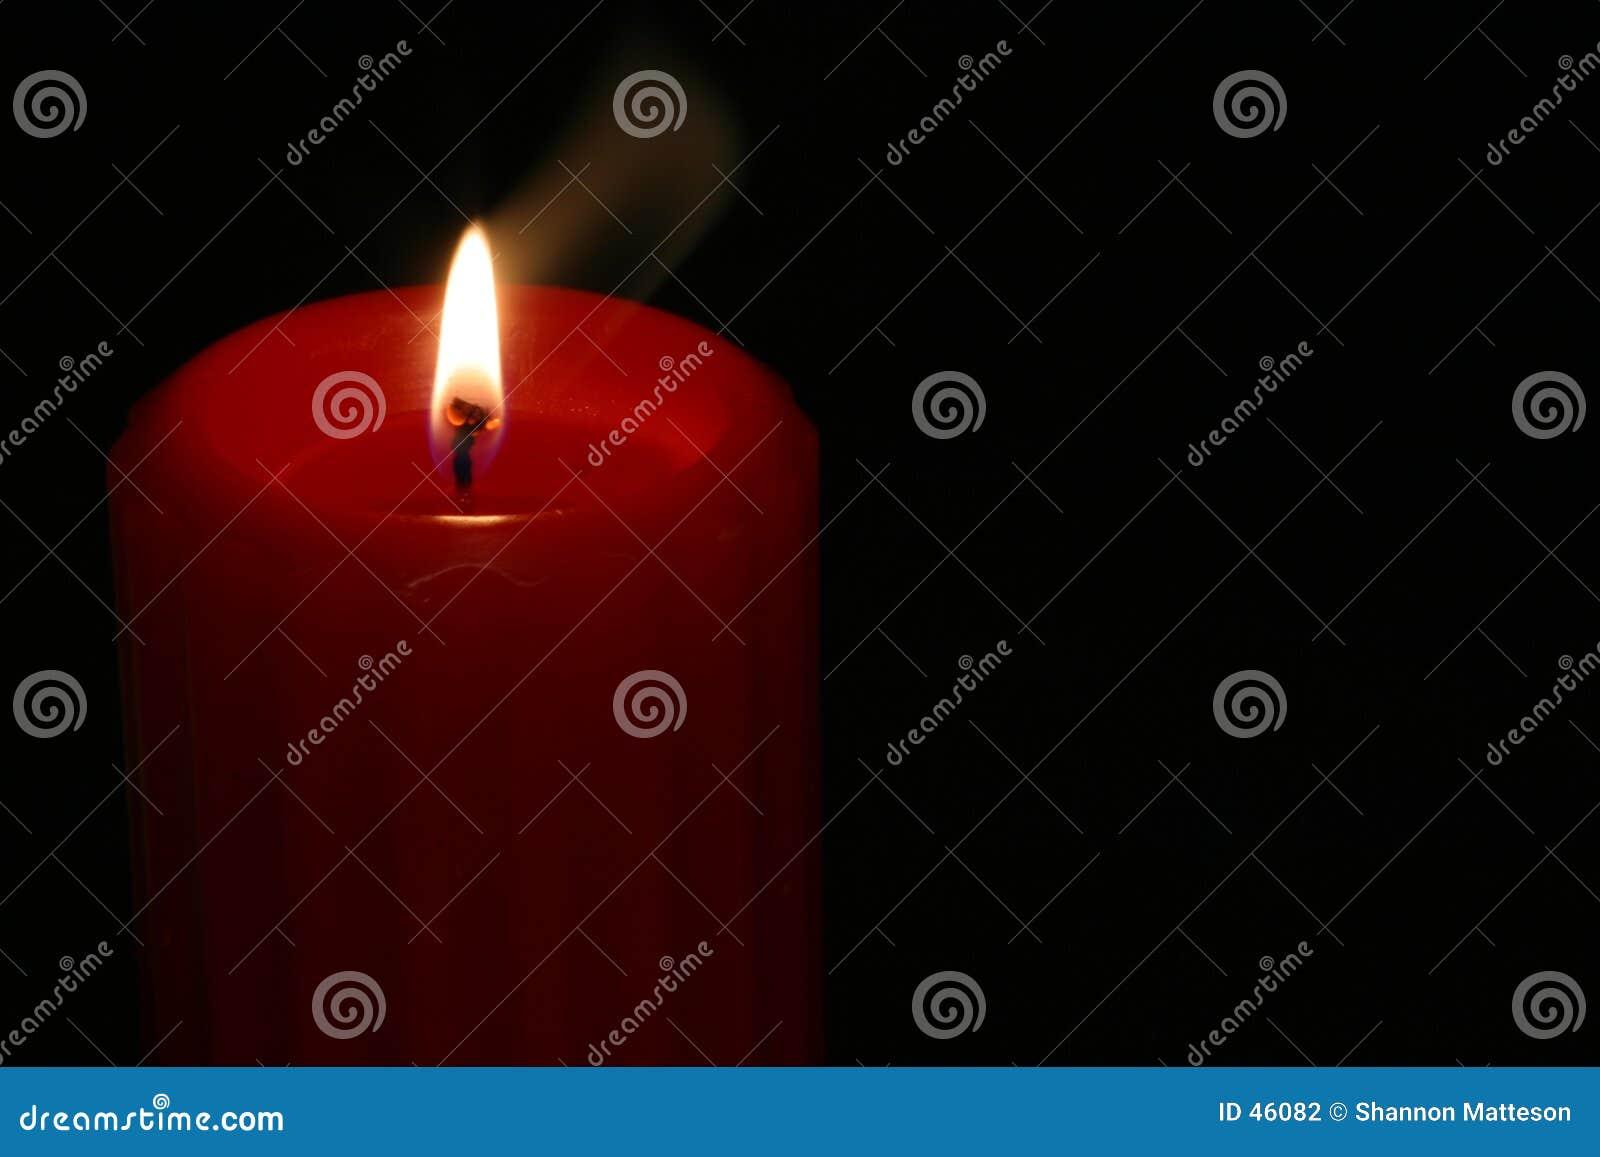 Rote Kerze 4